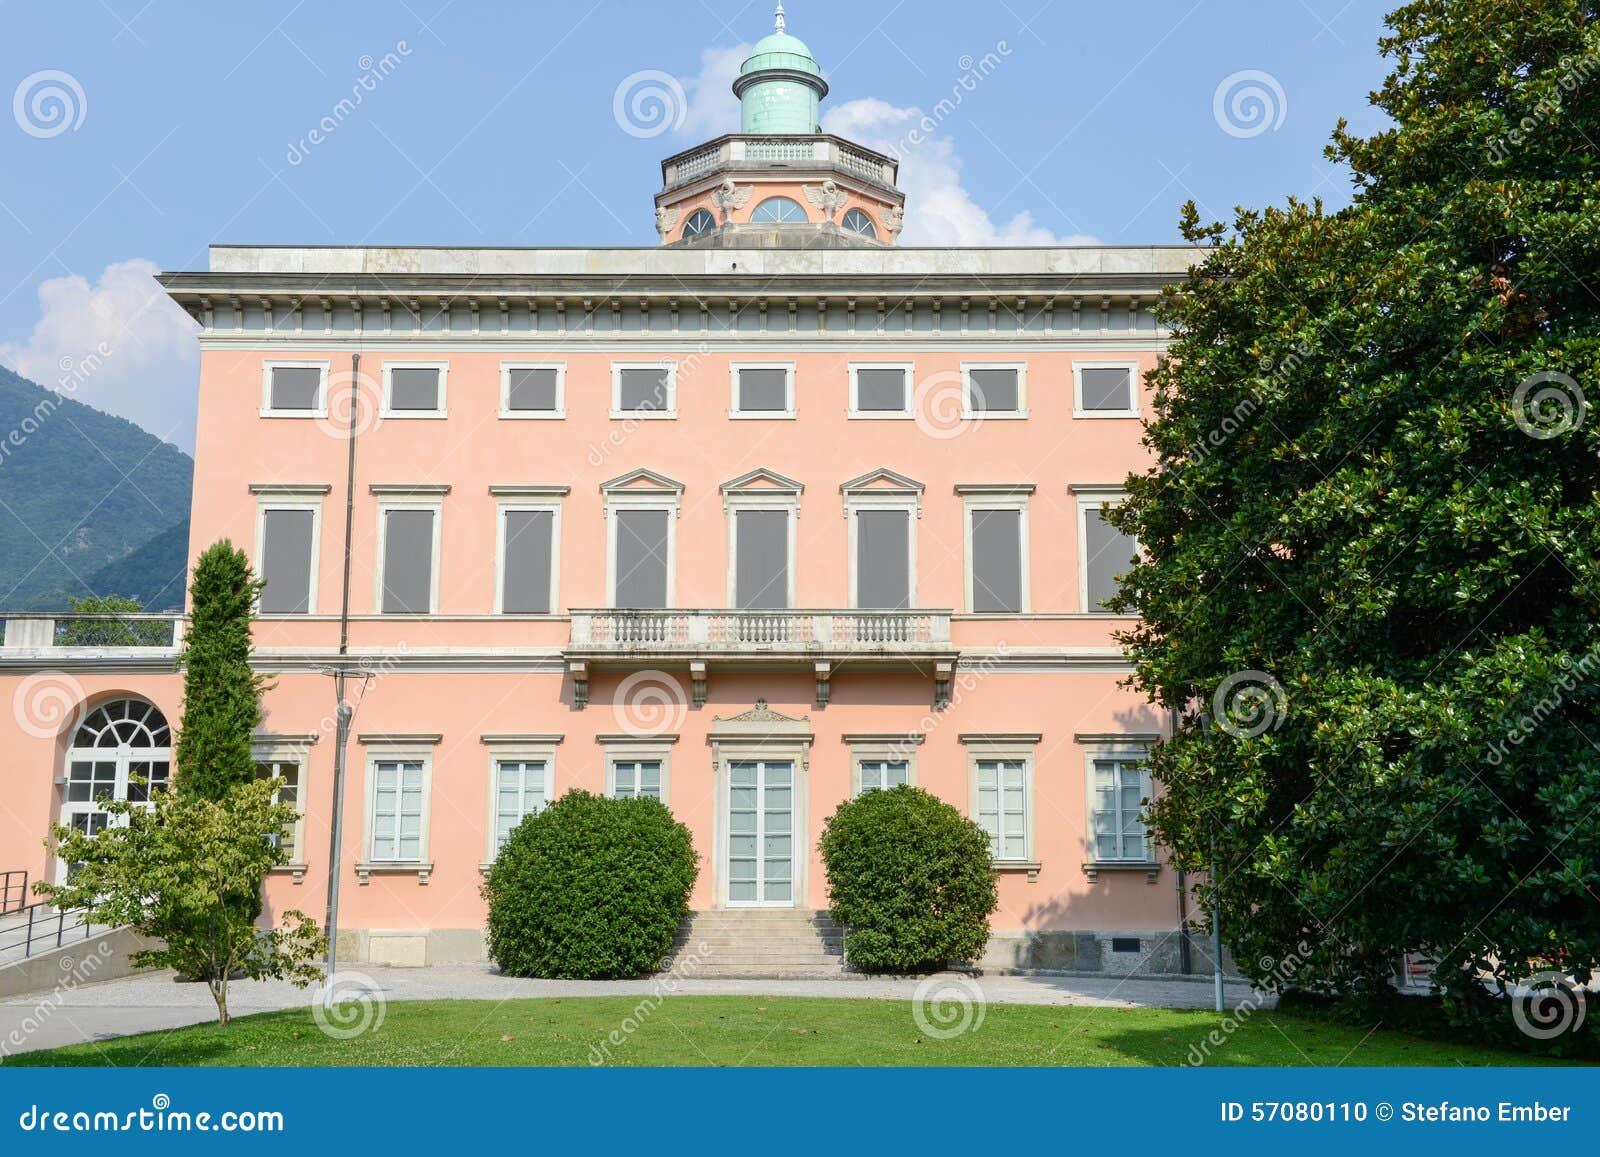 Villa Ciani sul parco botanico di Lugano